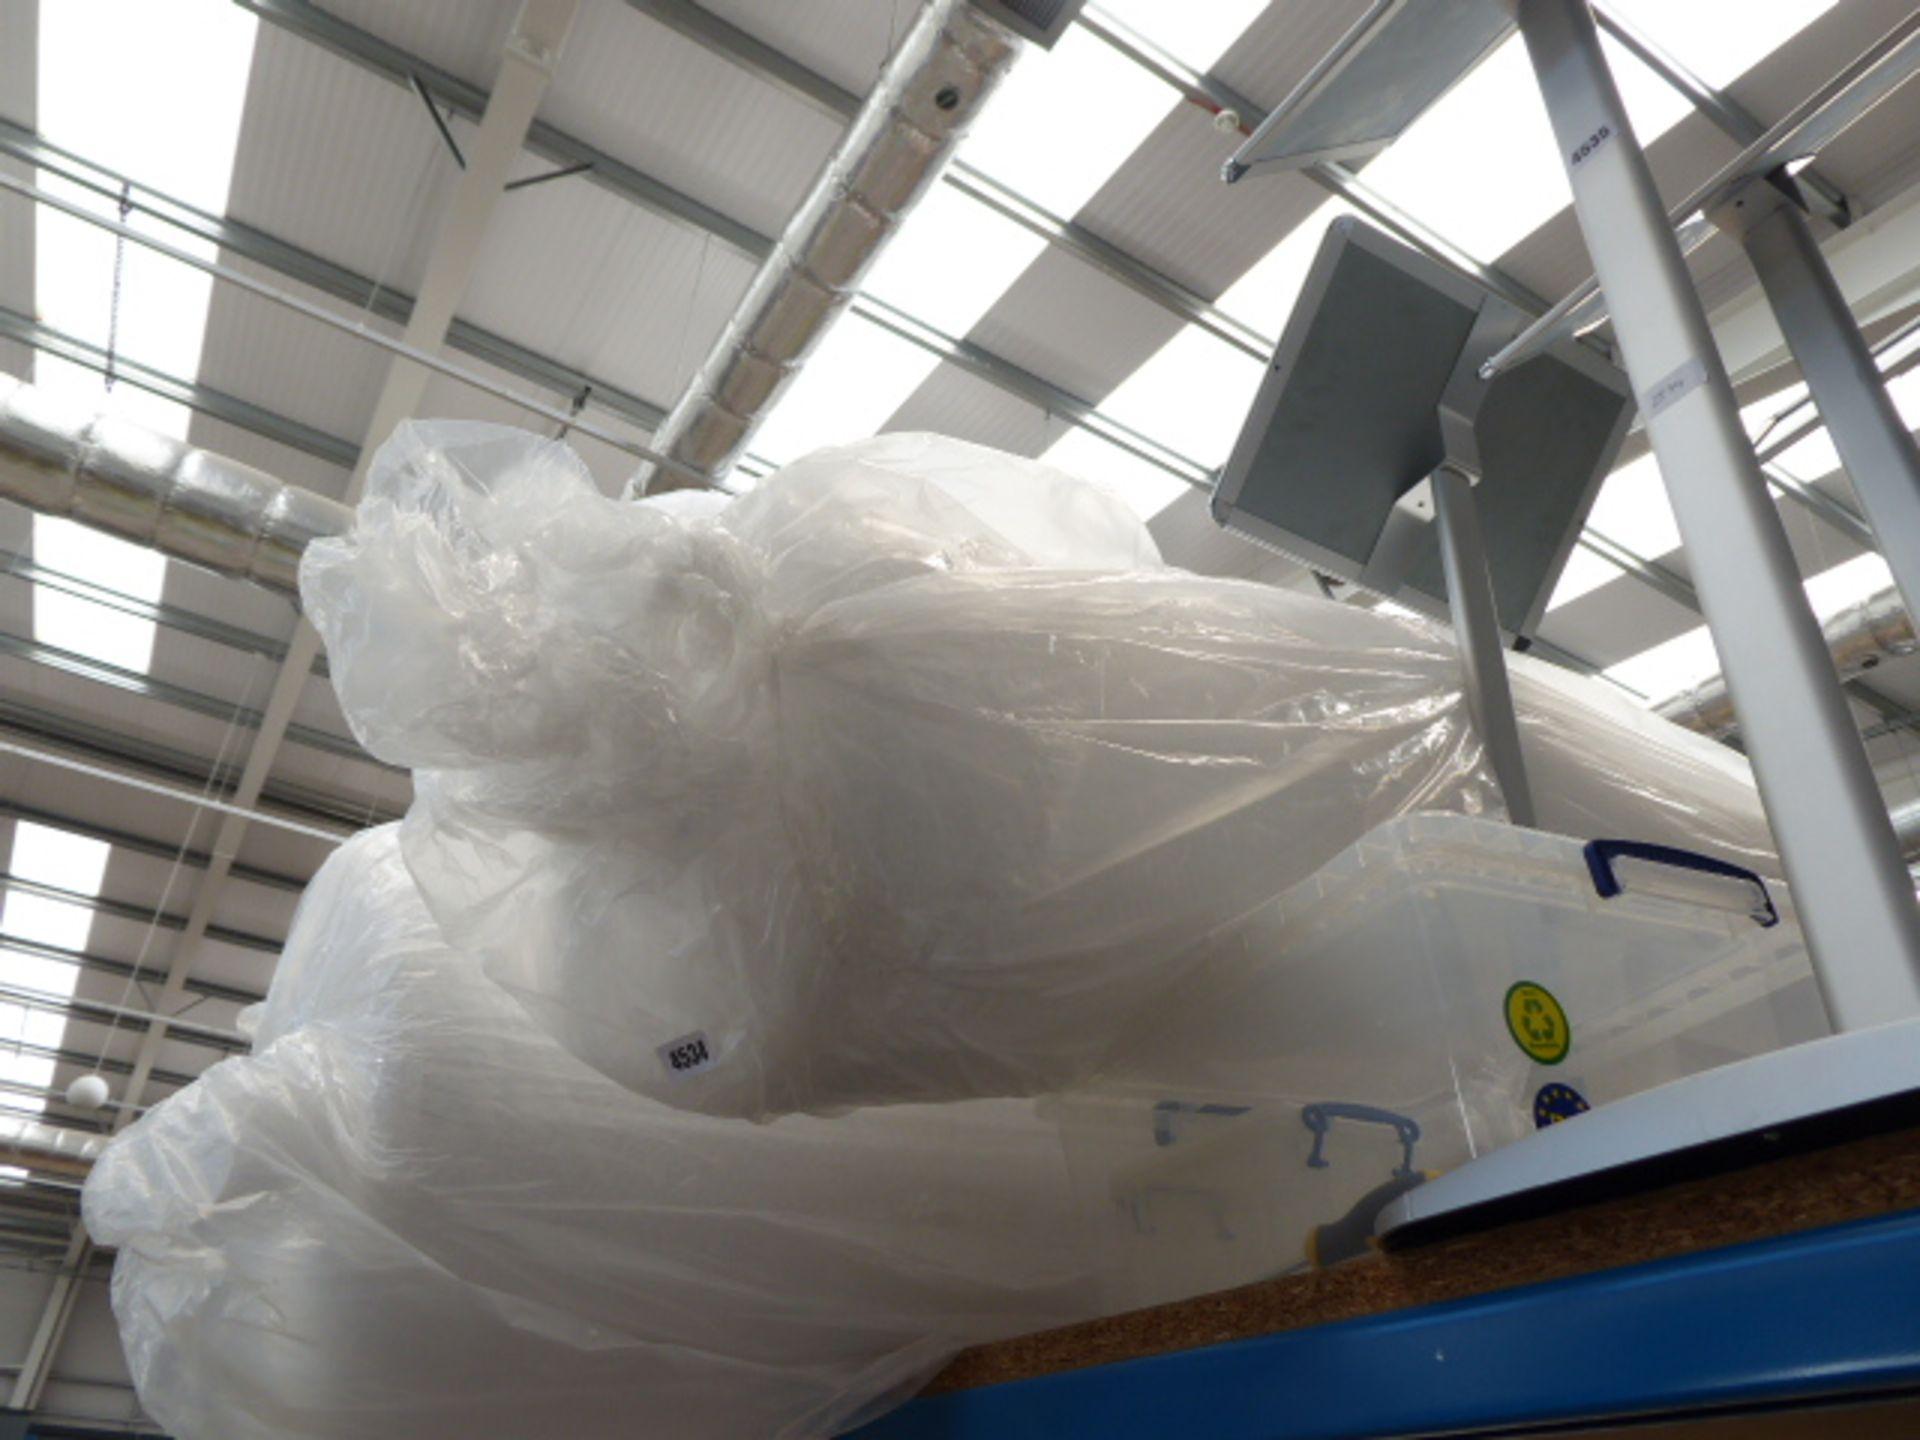 Lot 4534 - Thin roll of bubblewrap